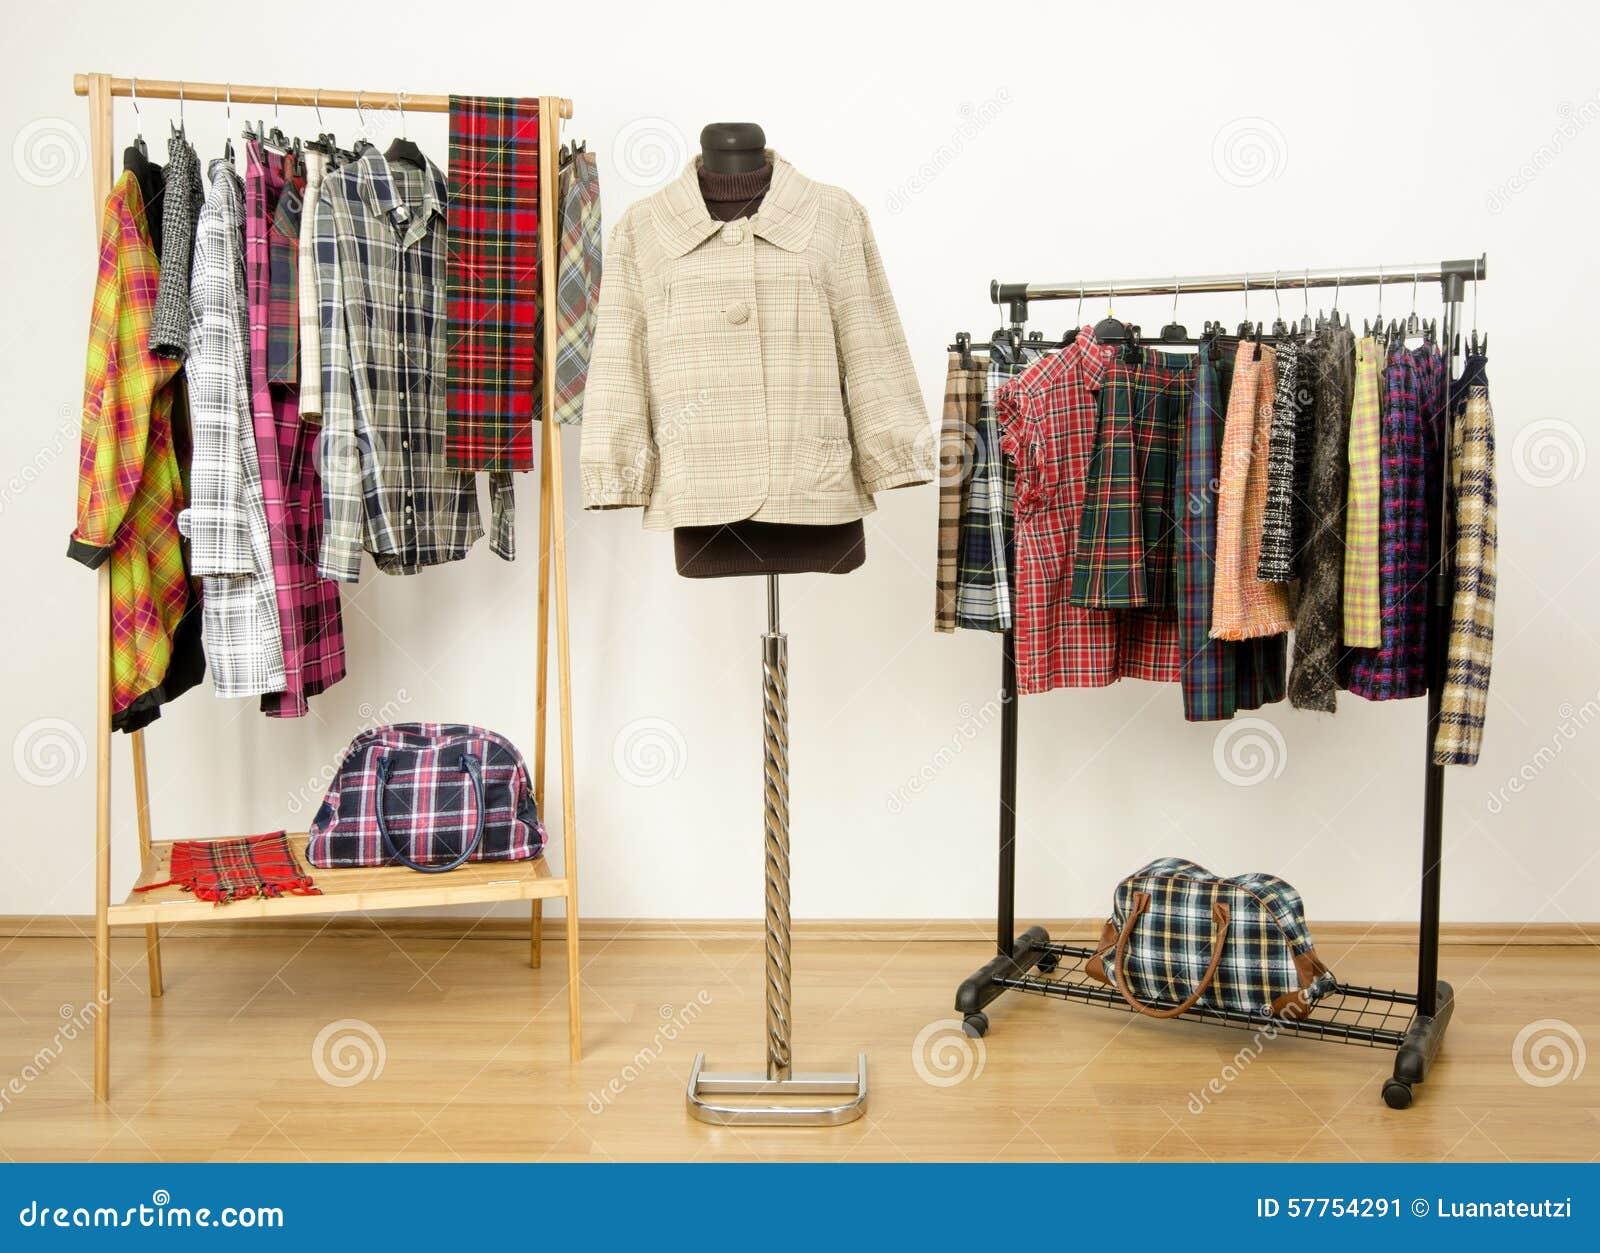 el vestido del armario con ropa de la tela escocesa arregl en y una chaqueta